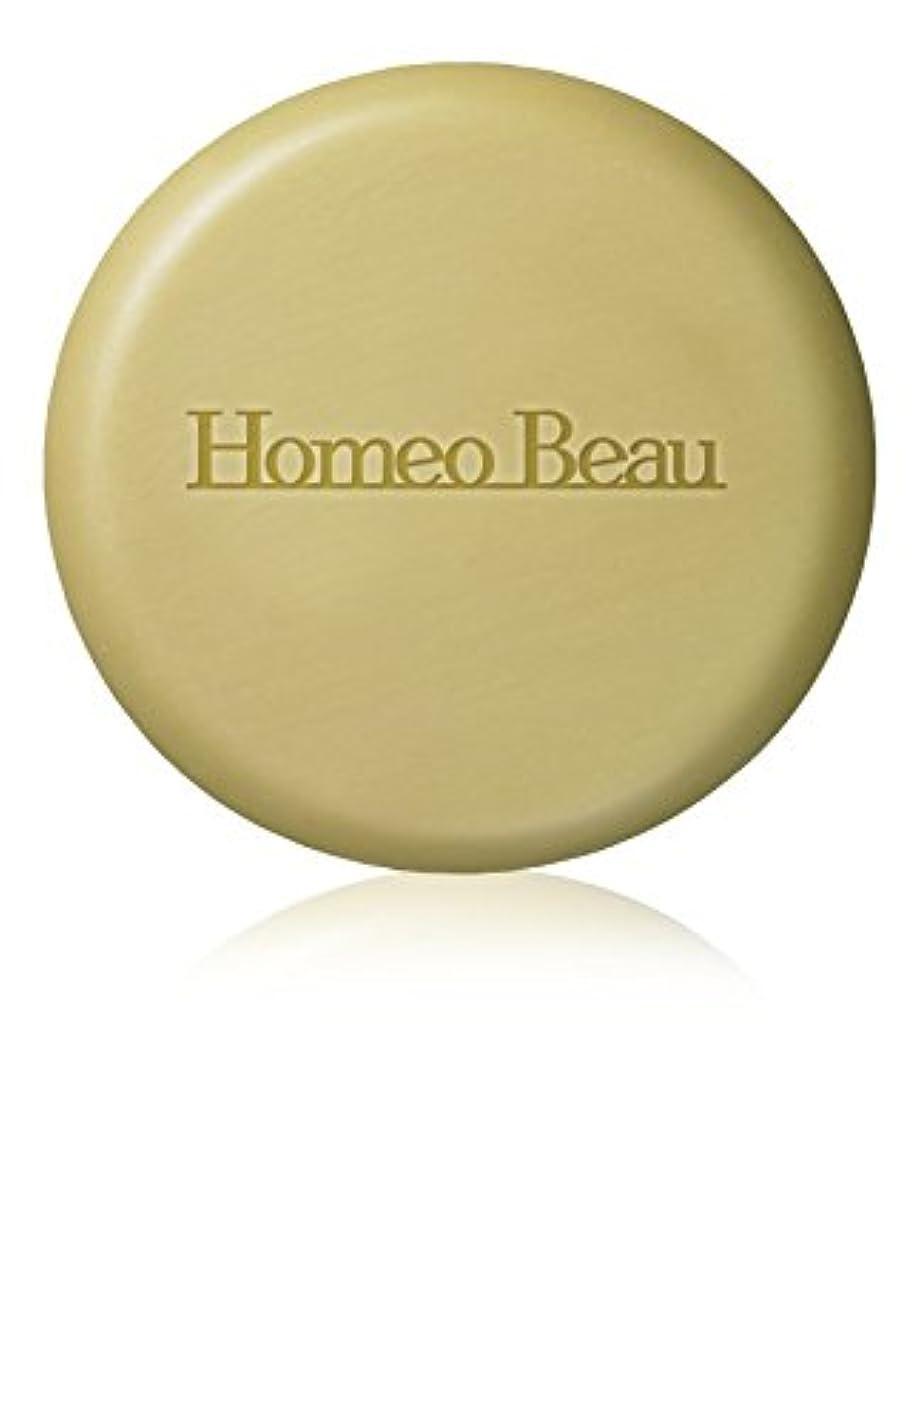 かわいらしいシャーロットブロンテ頼るホメオバウ(Homeo Beau) エッセンシャルソープ 100g